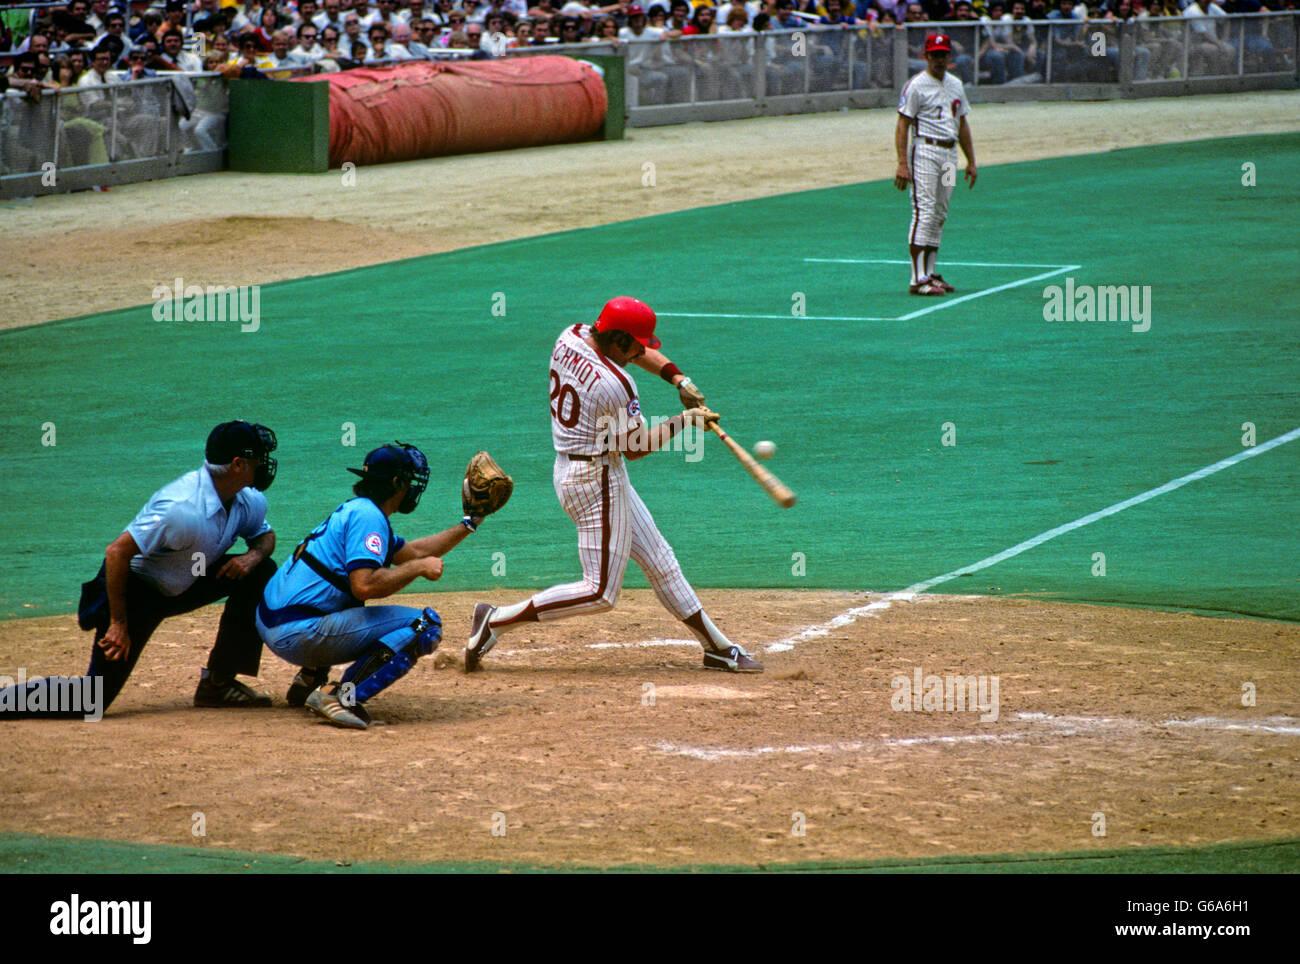 1980 MIKE SCHMIDT Numéro 20 BATTING Phillies et les Chicago Cubs BASEBALL JEU VETERAN'S STADIUM de Philadelphie, Photo Stock